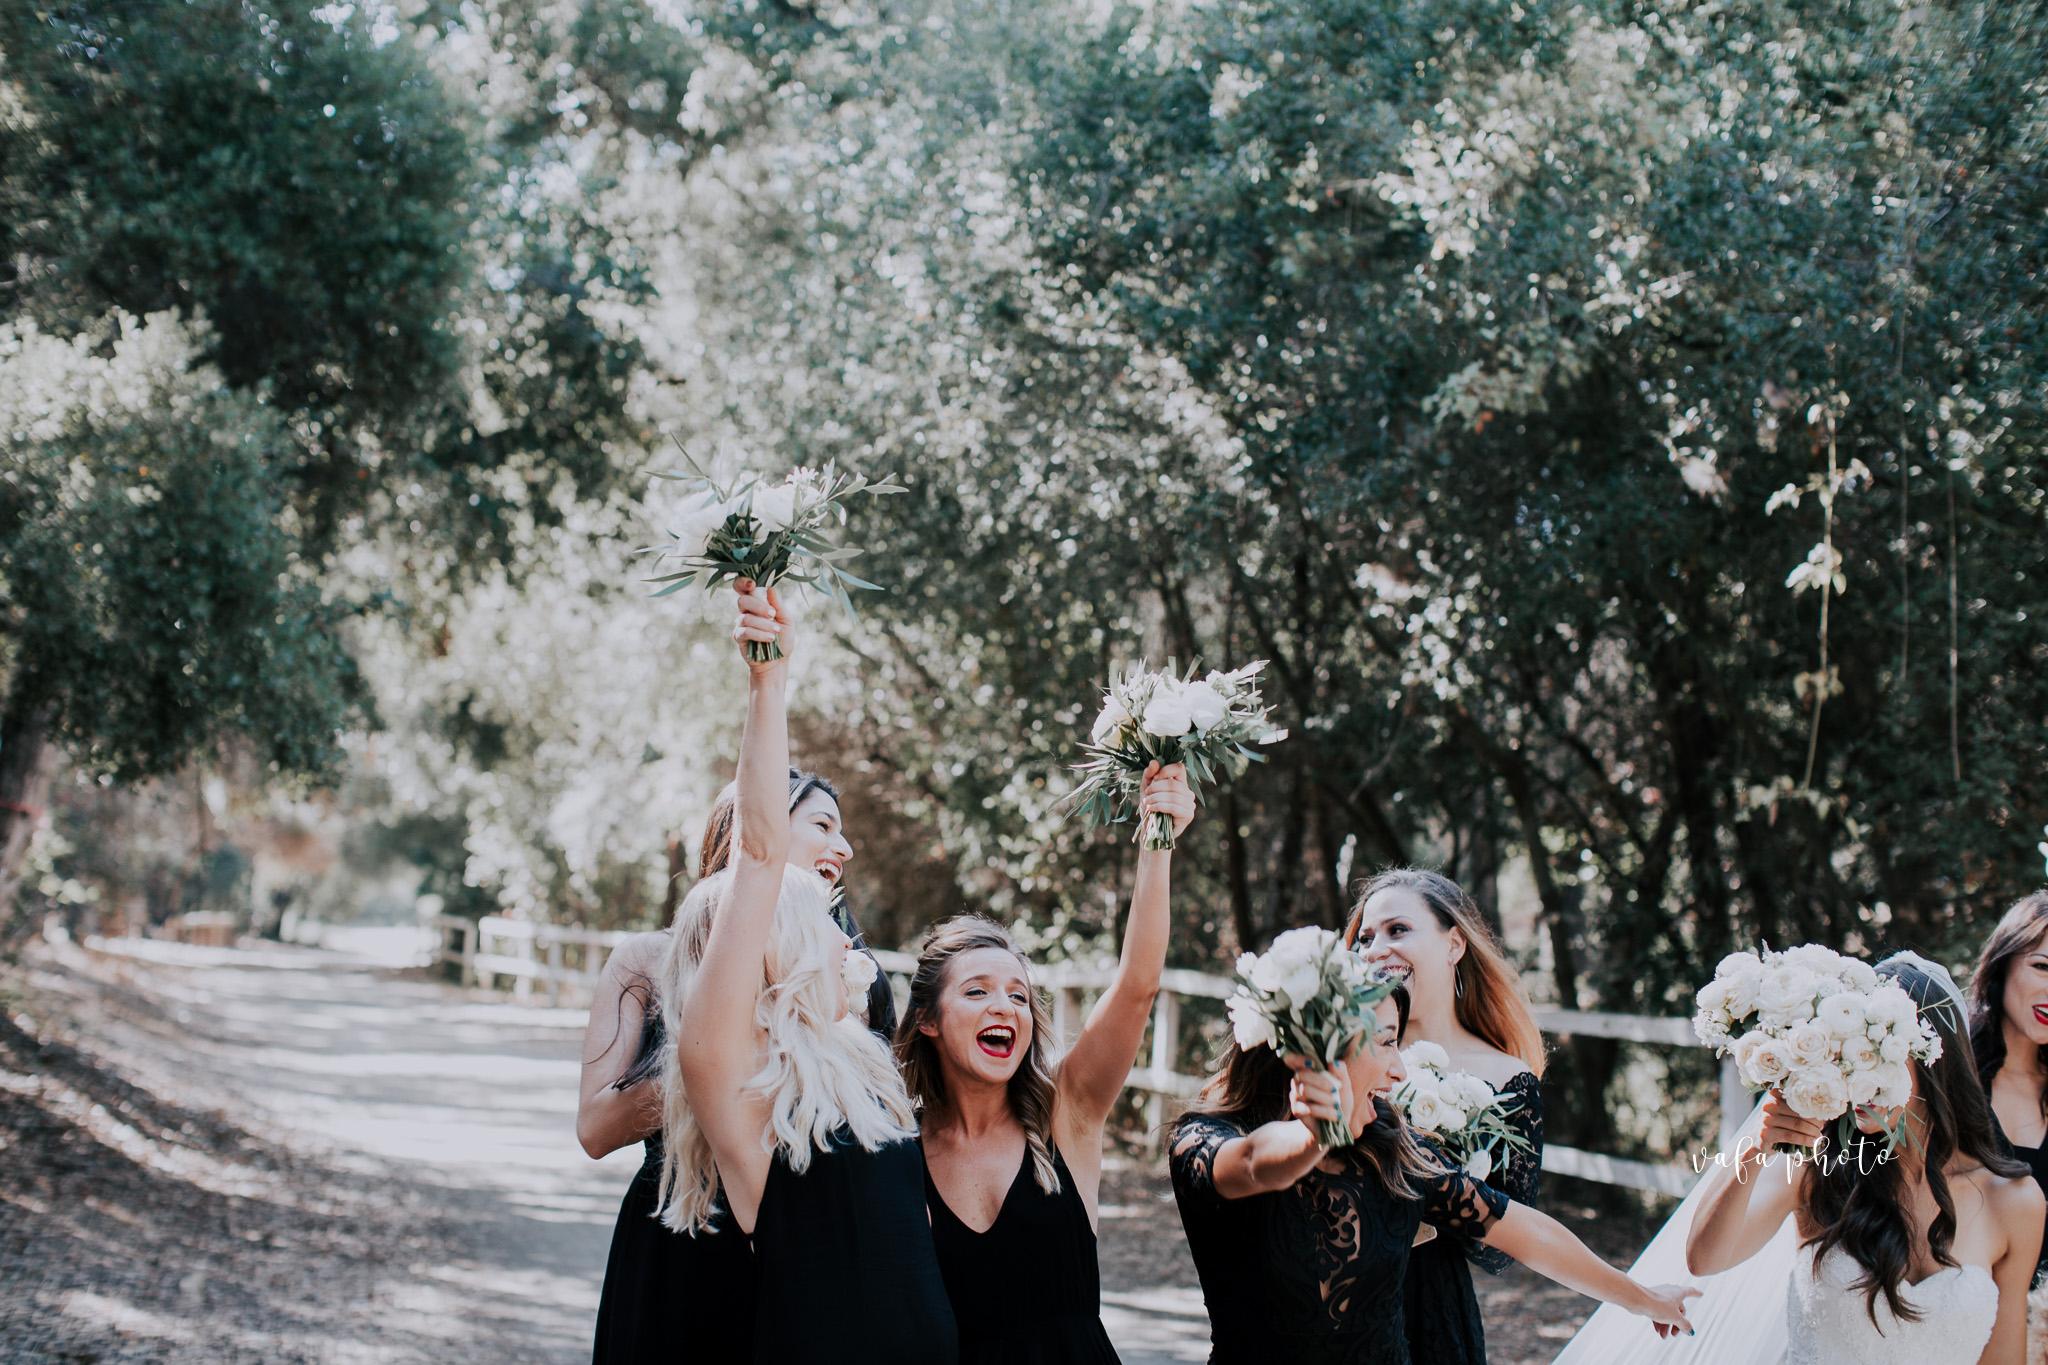 Southern-California-Wedding-Britt-Nilsson-Jeremy-Byrne-Vafa-Photo-271.jpg